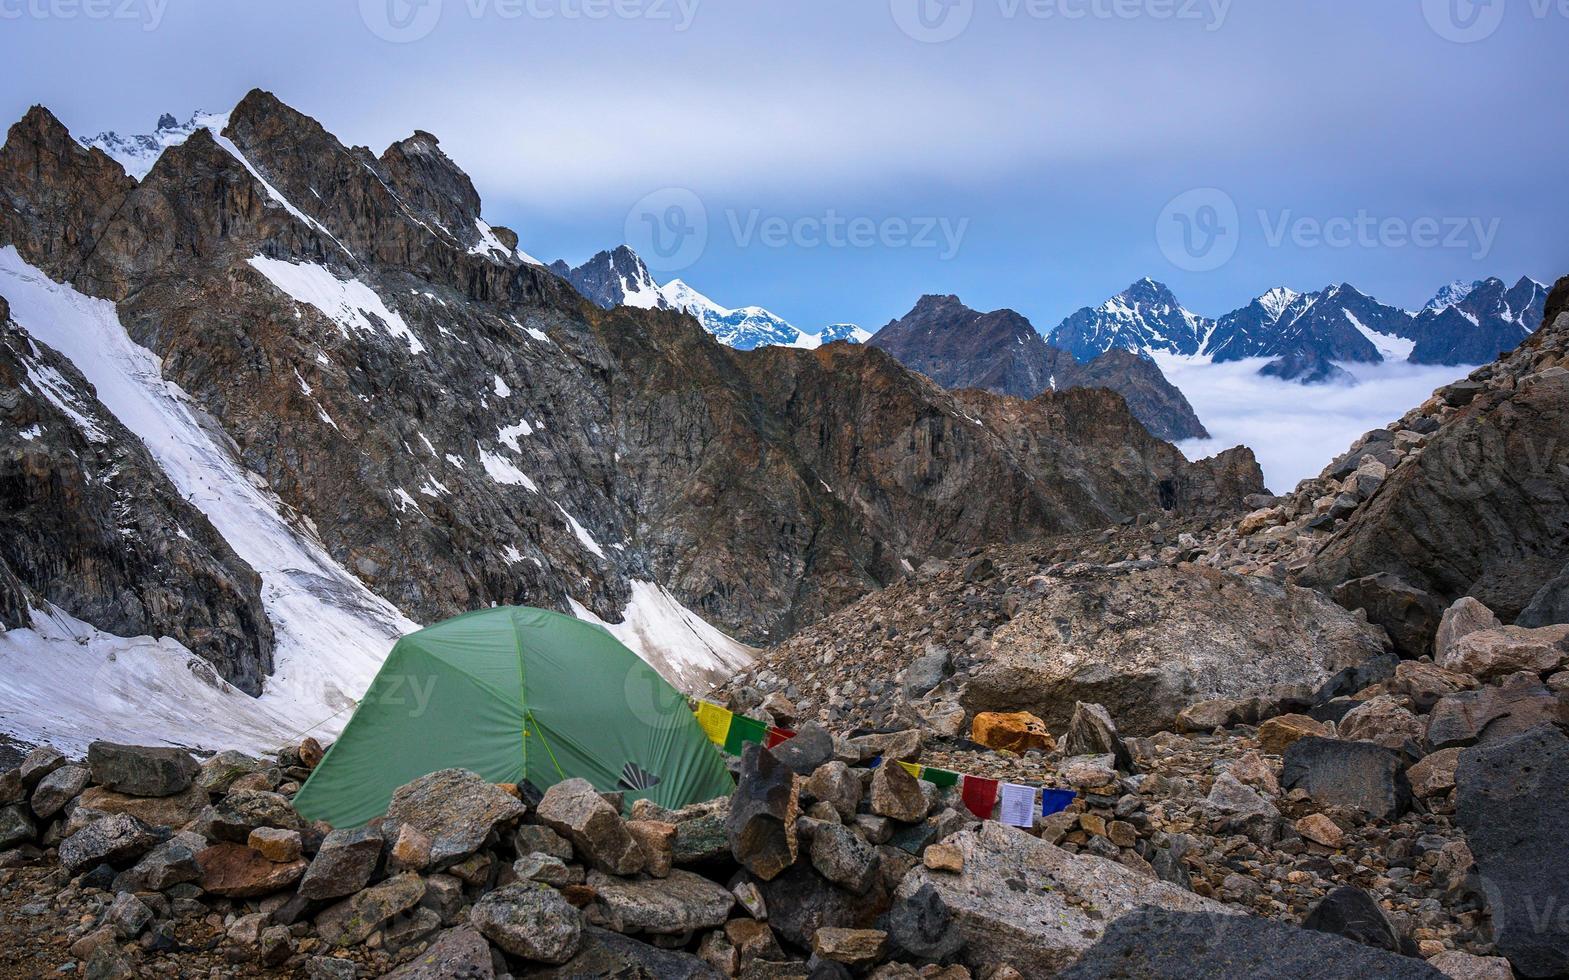 eenzame bergbeklimmers kamperen in zeer hoge besneeuwde bergen naast de gletsjer. foto